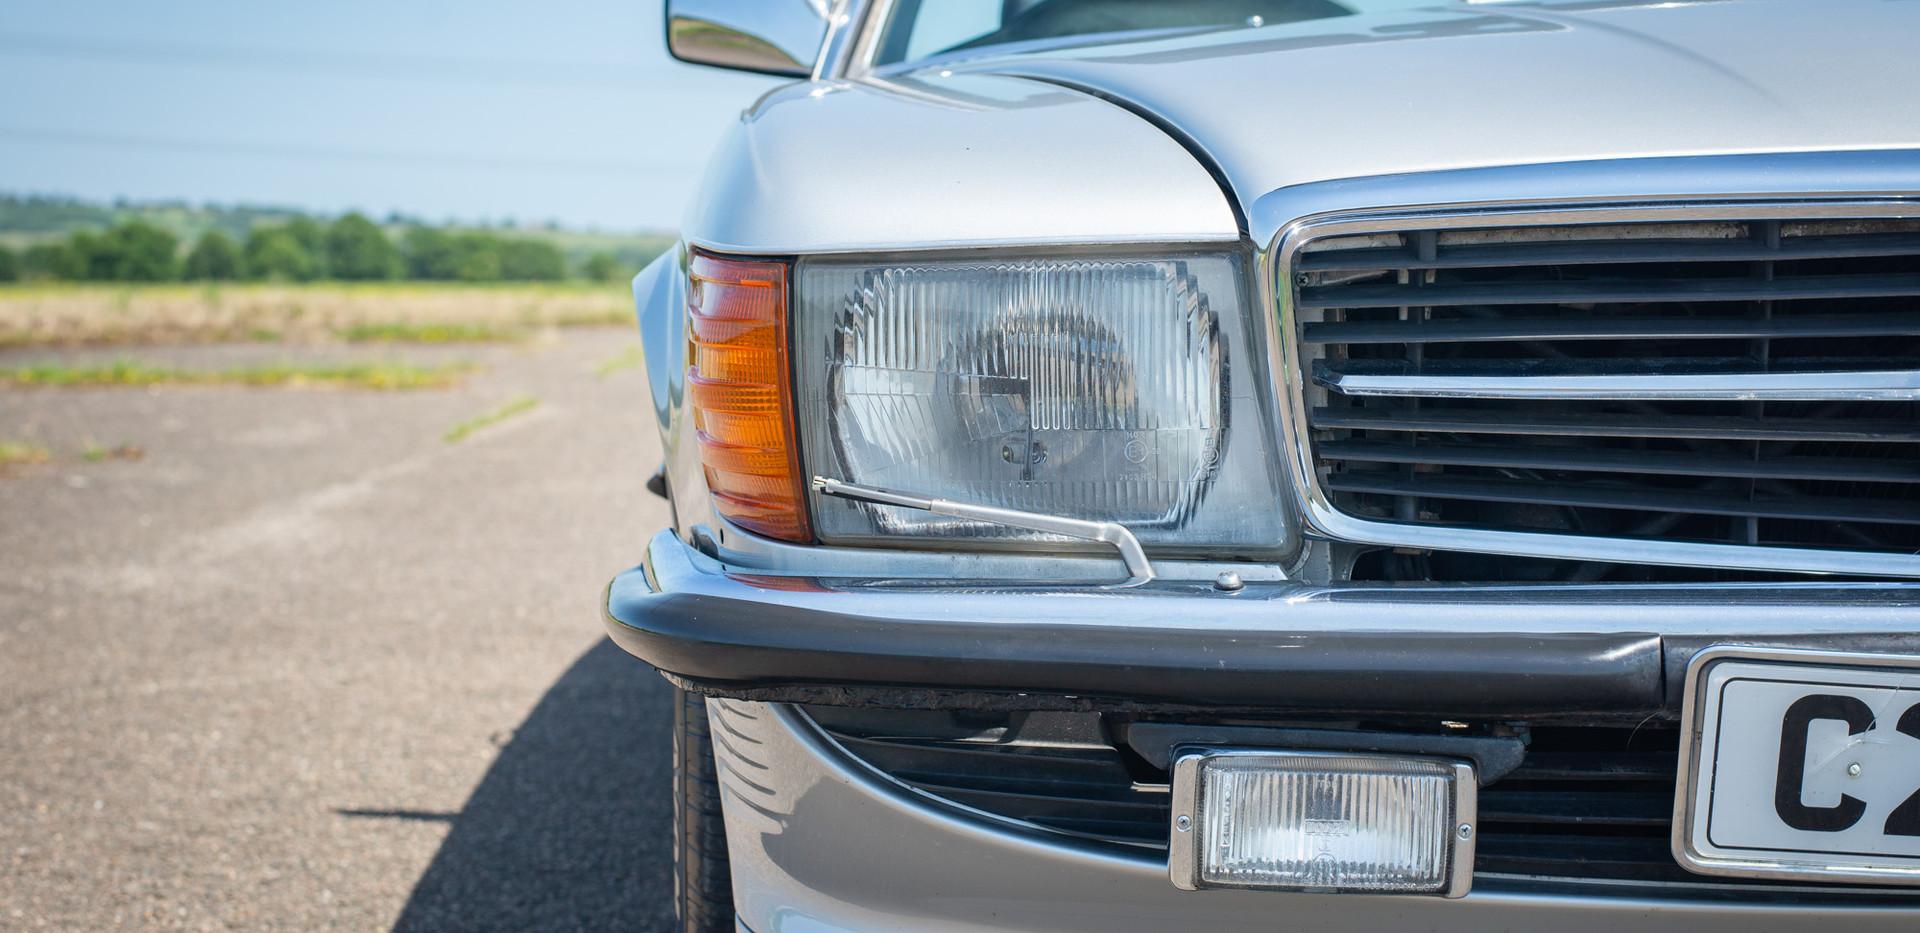 R107 300SL Silver C272 RBV-31.jpg